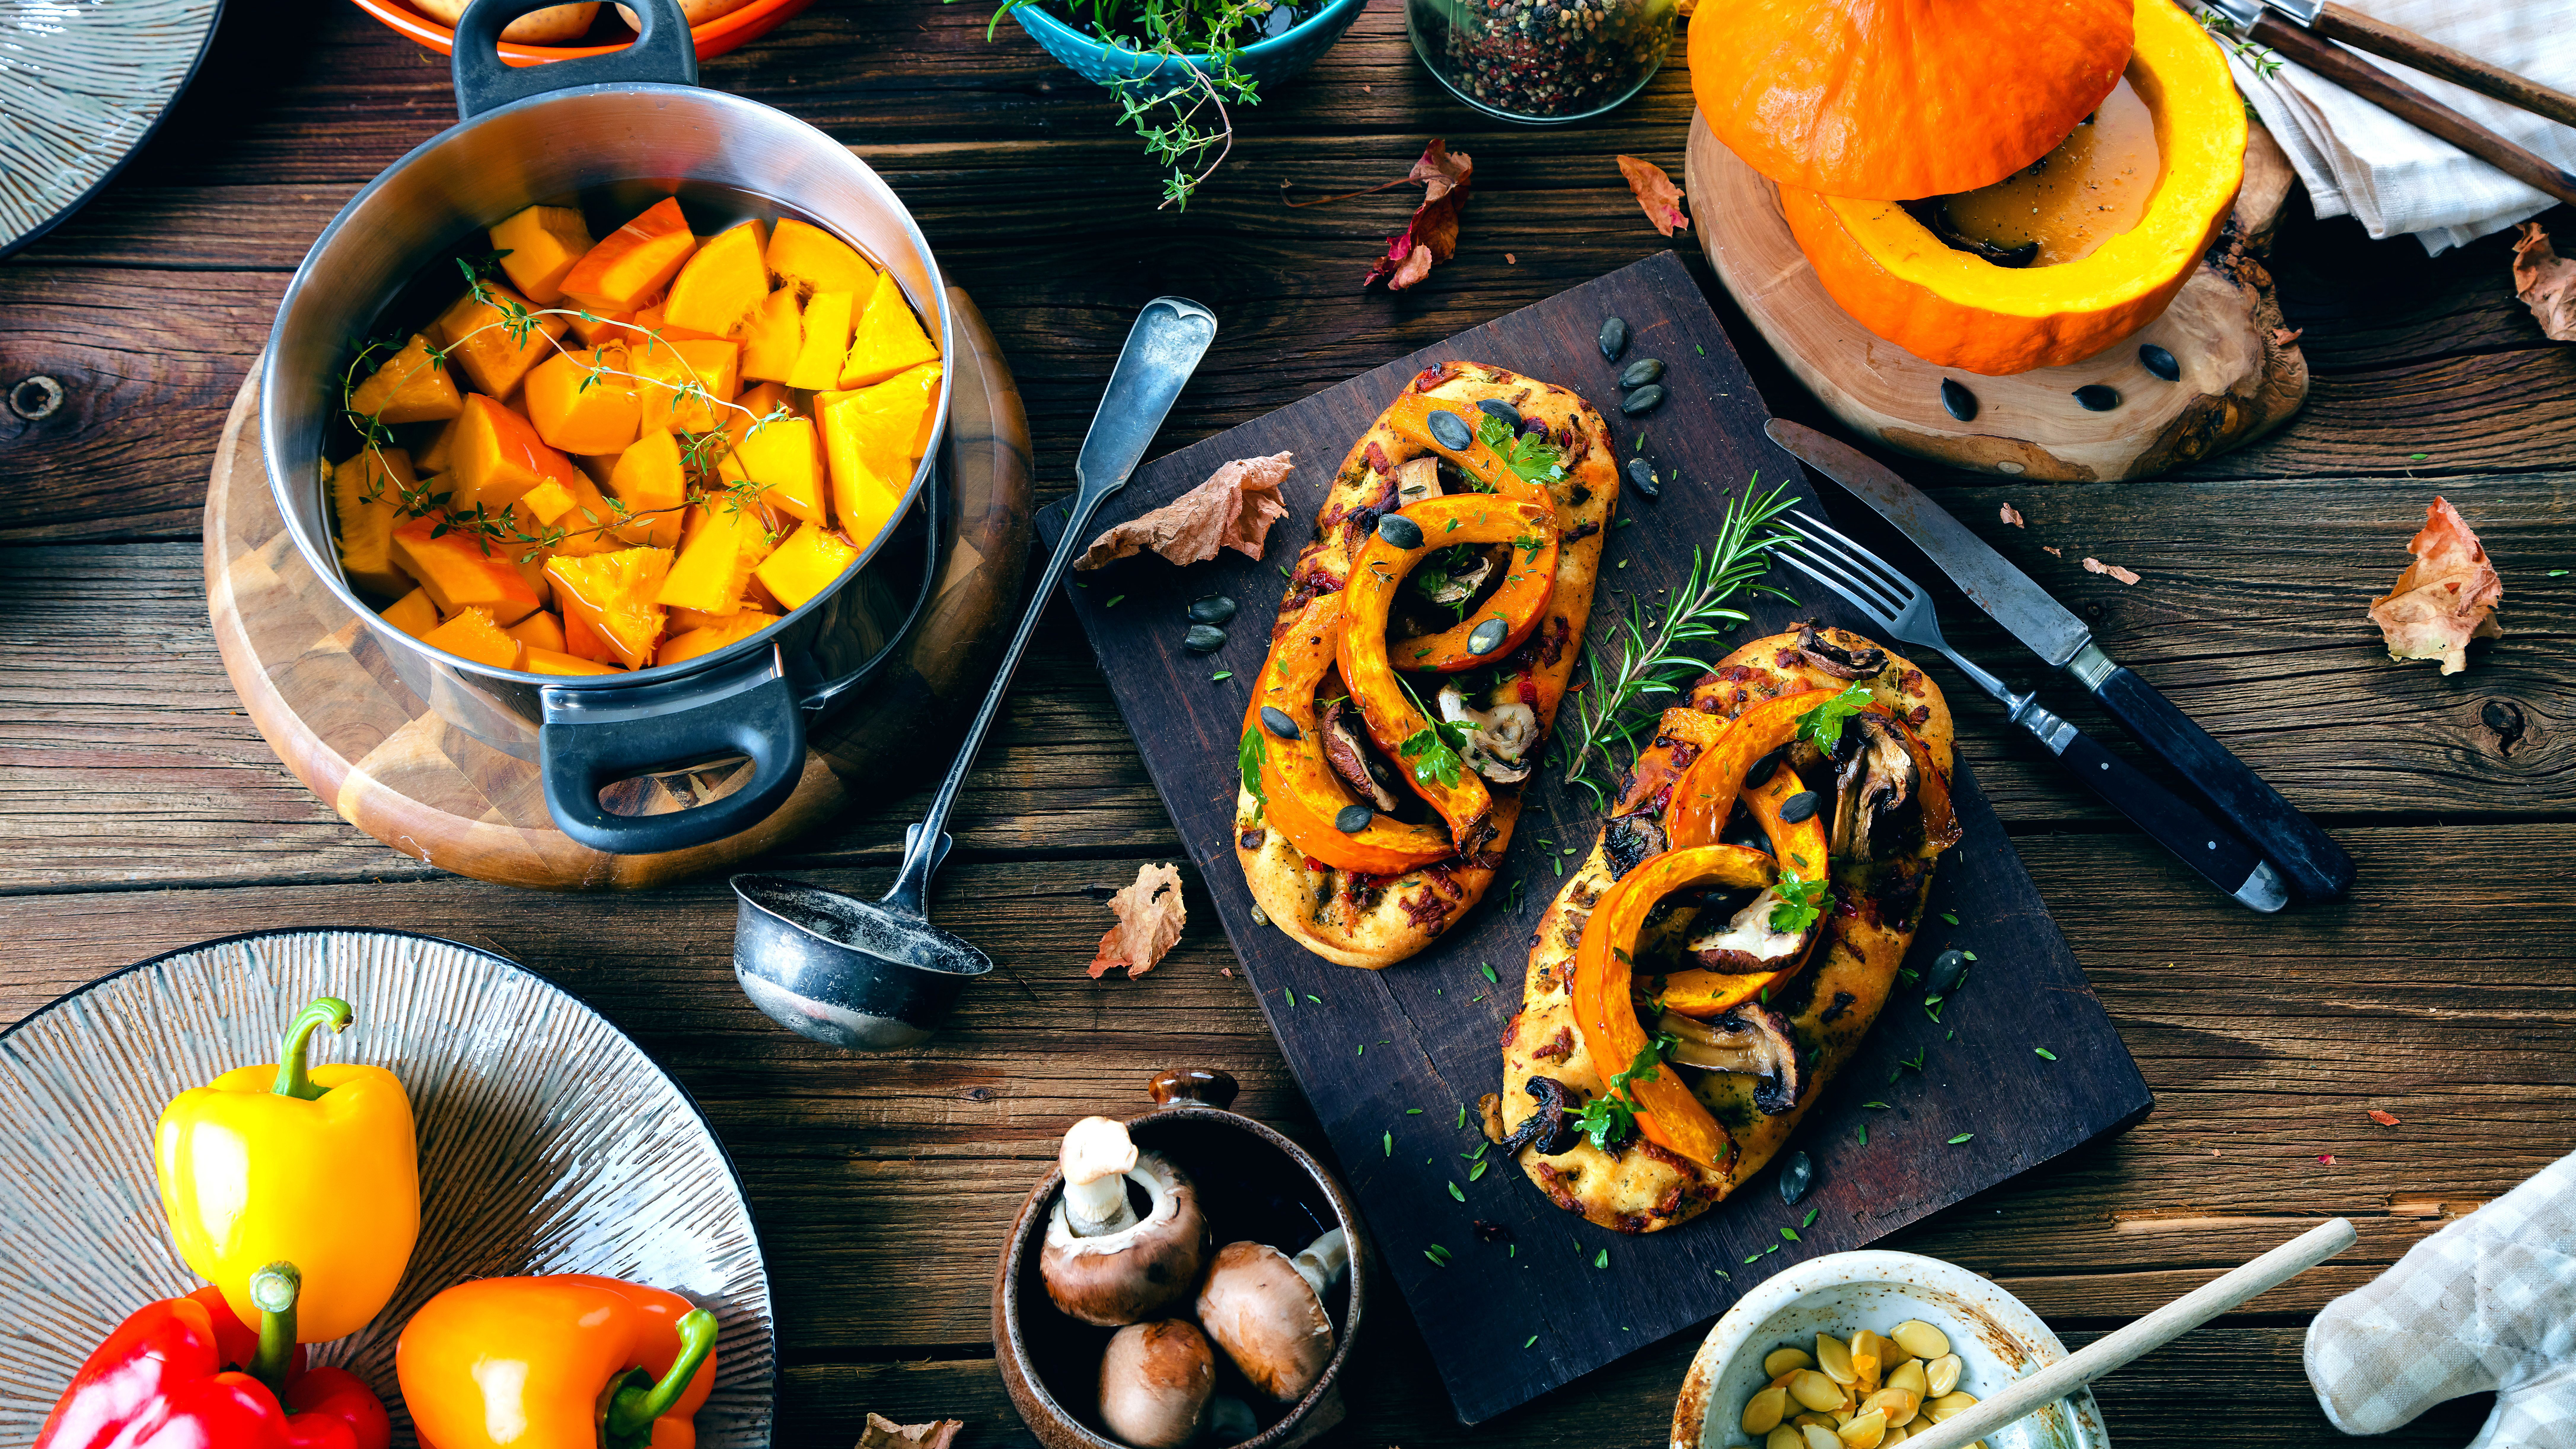 Herbst-Rezepte: Kürbis, Äpfel, Muscheln und Co